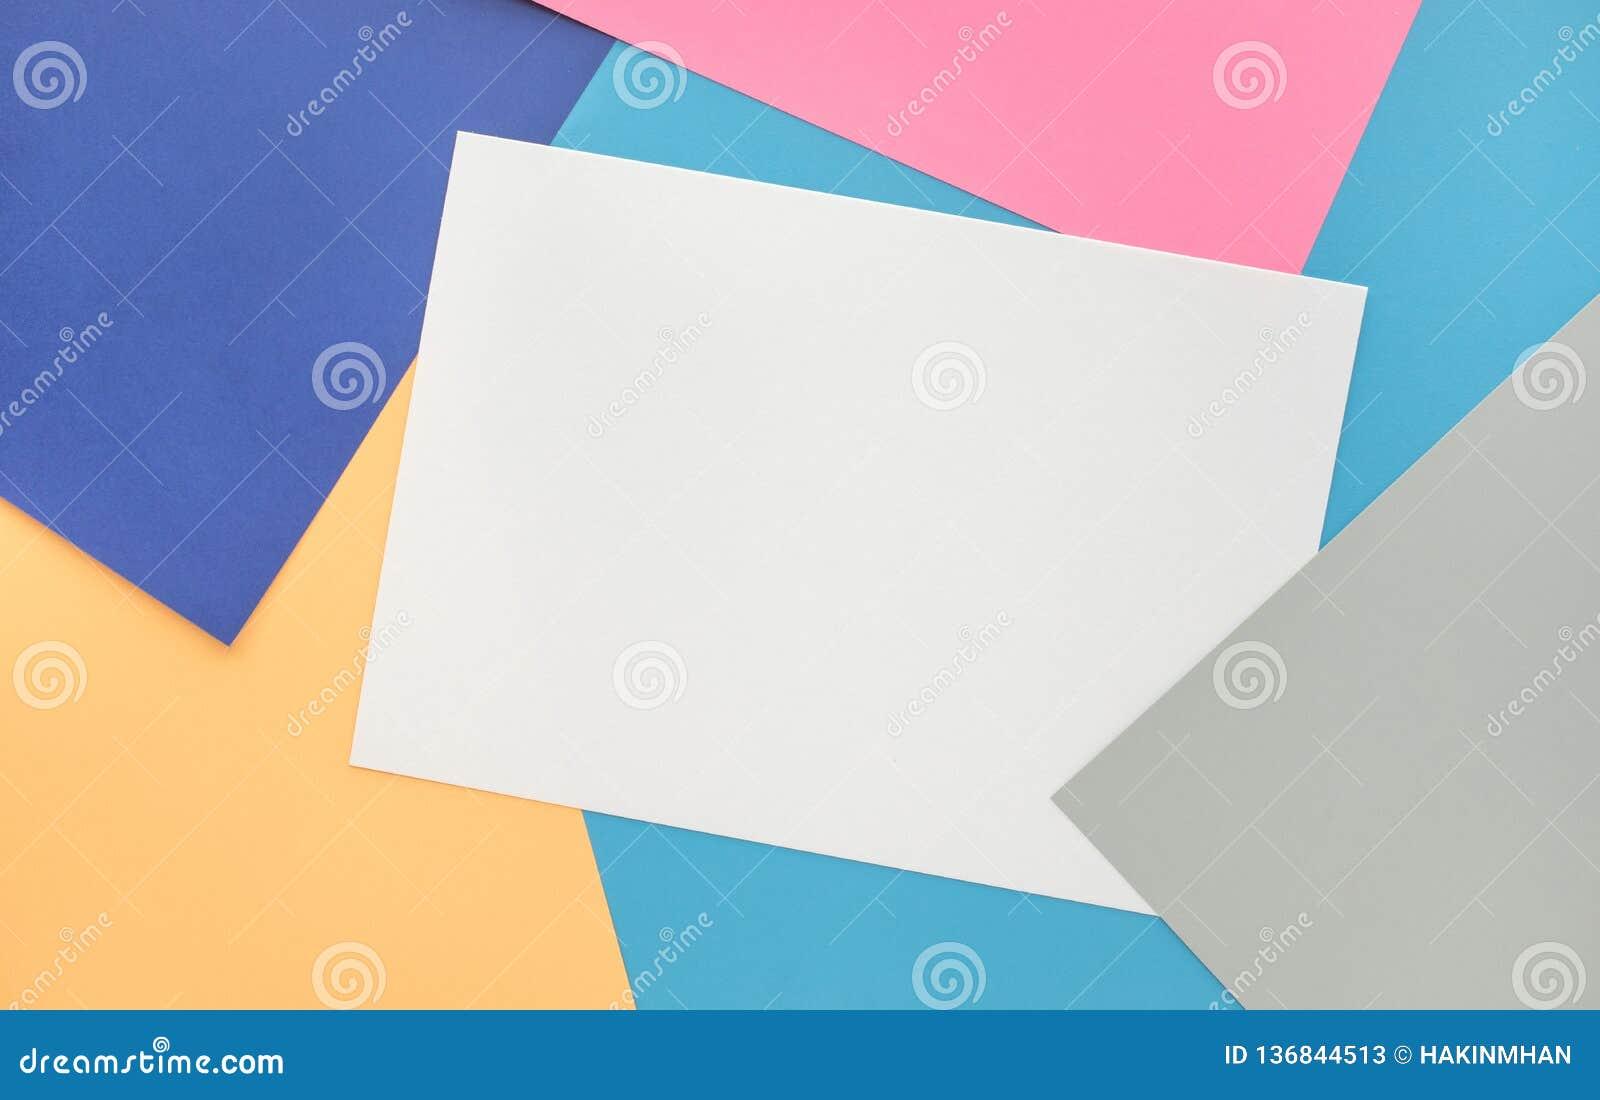 Fondo de papel del color en colores pastel Para la disposición visual dominante